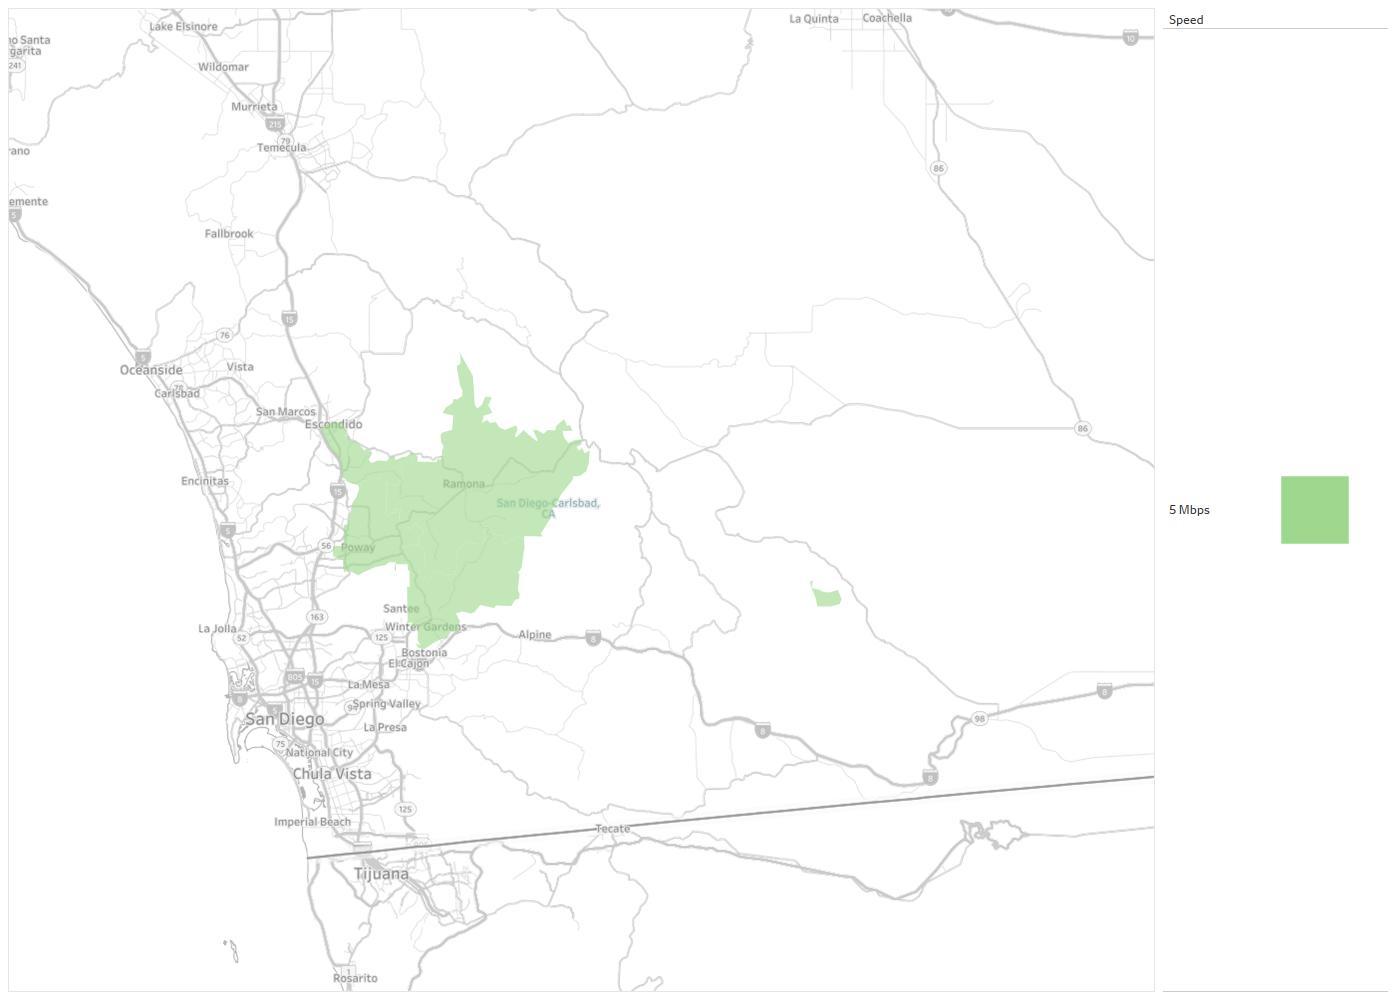 Coachella Valley Zip Code Map